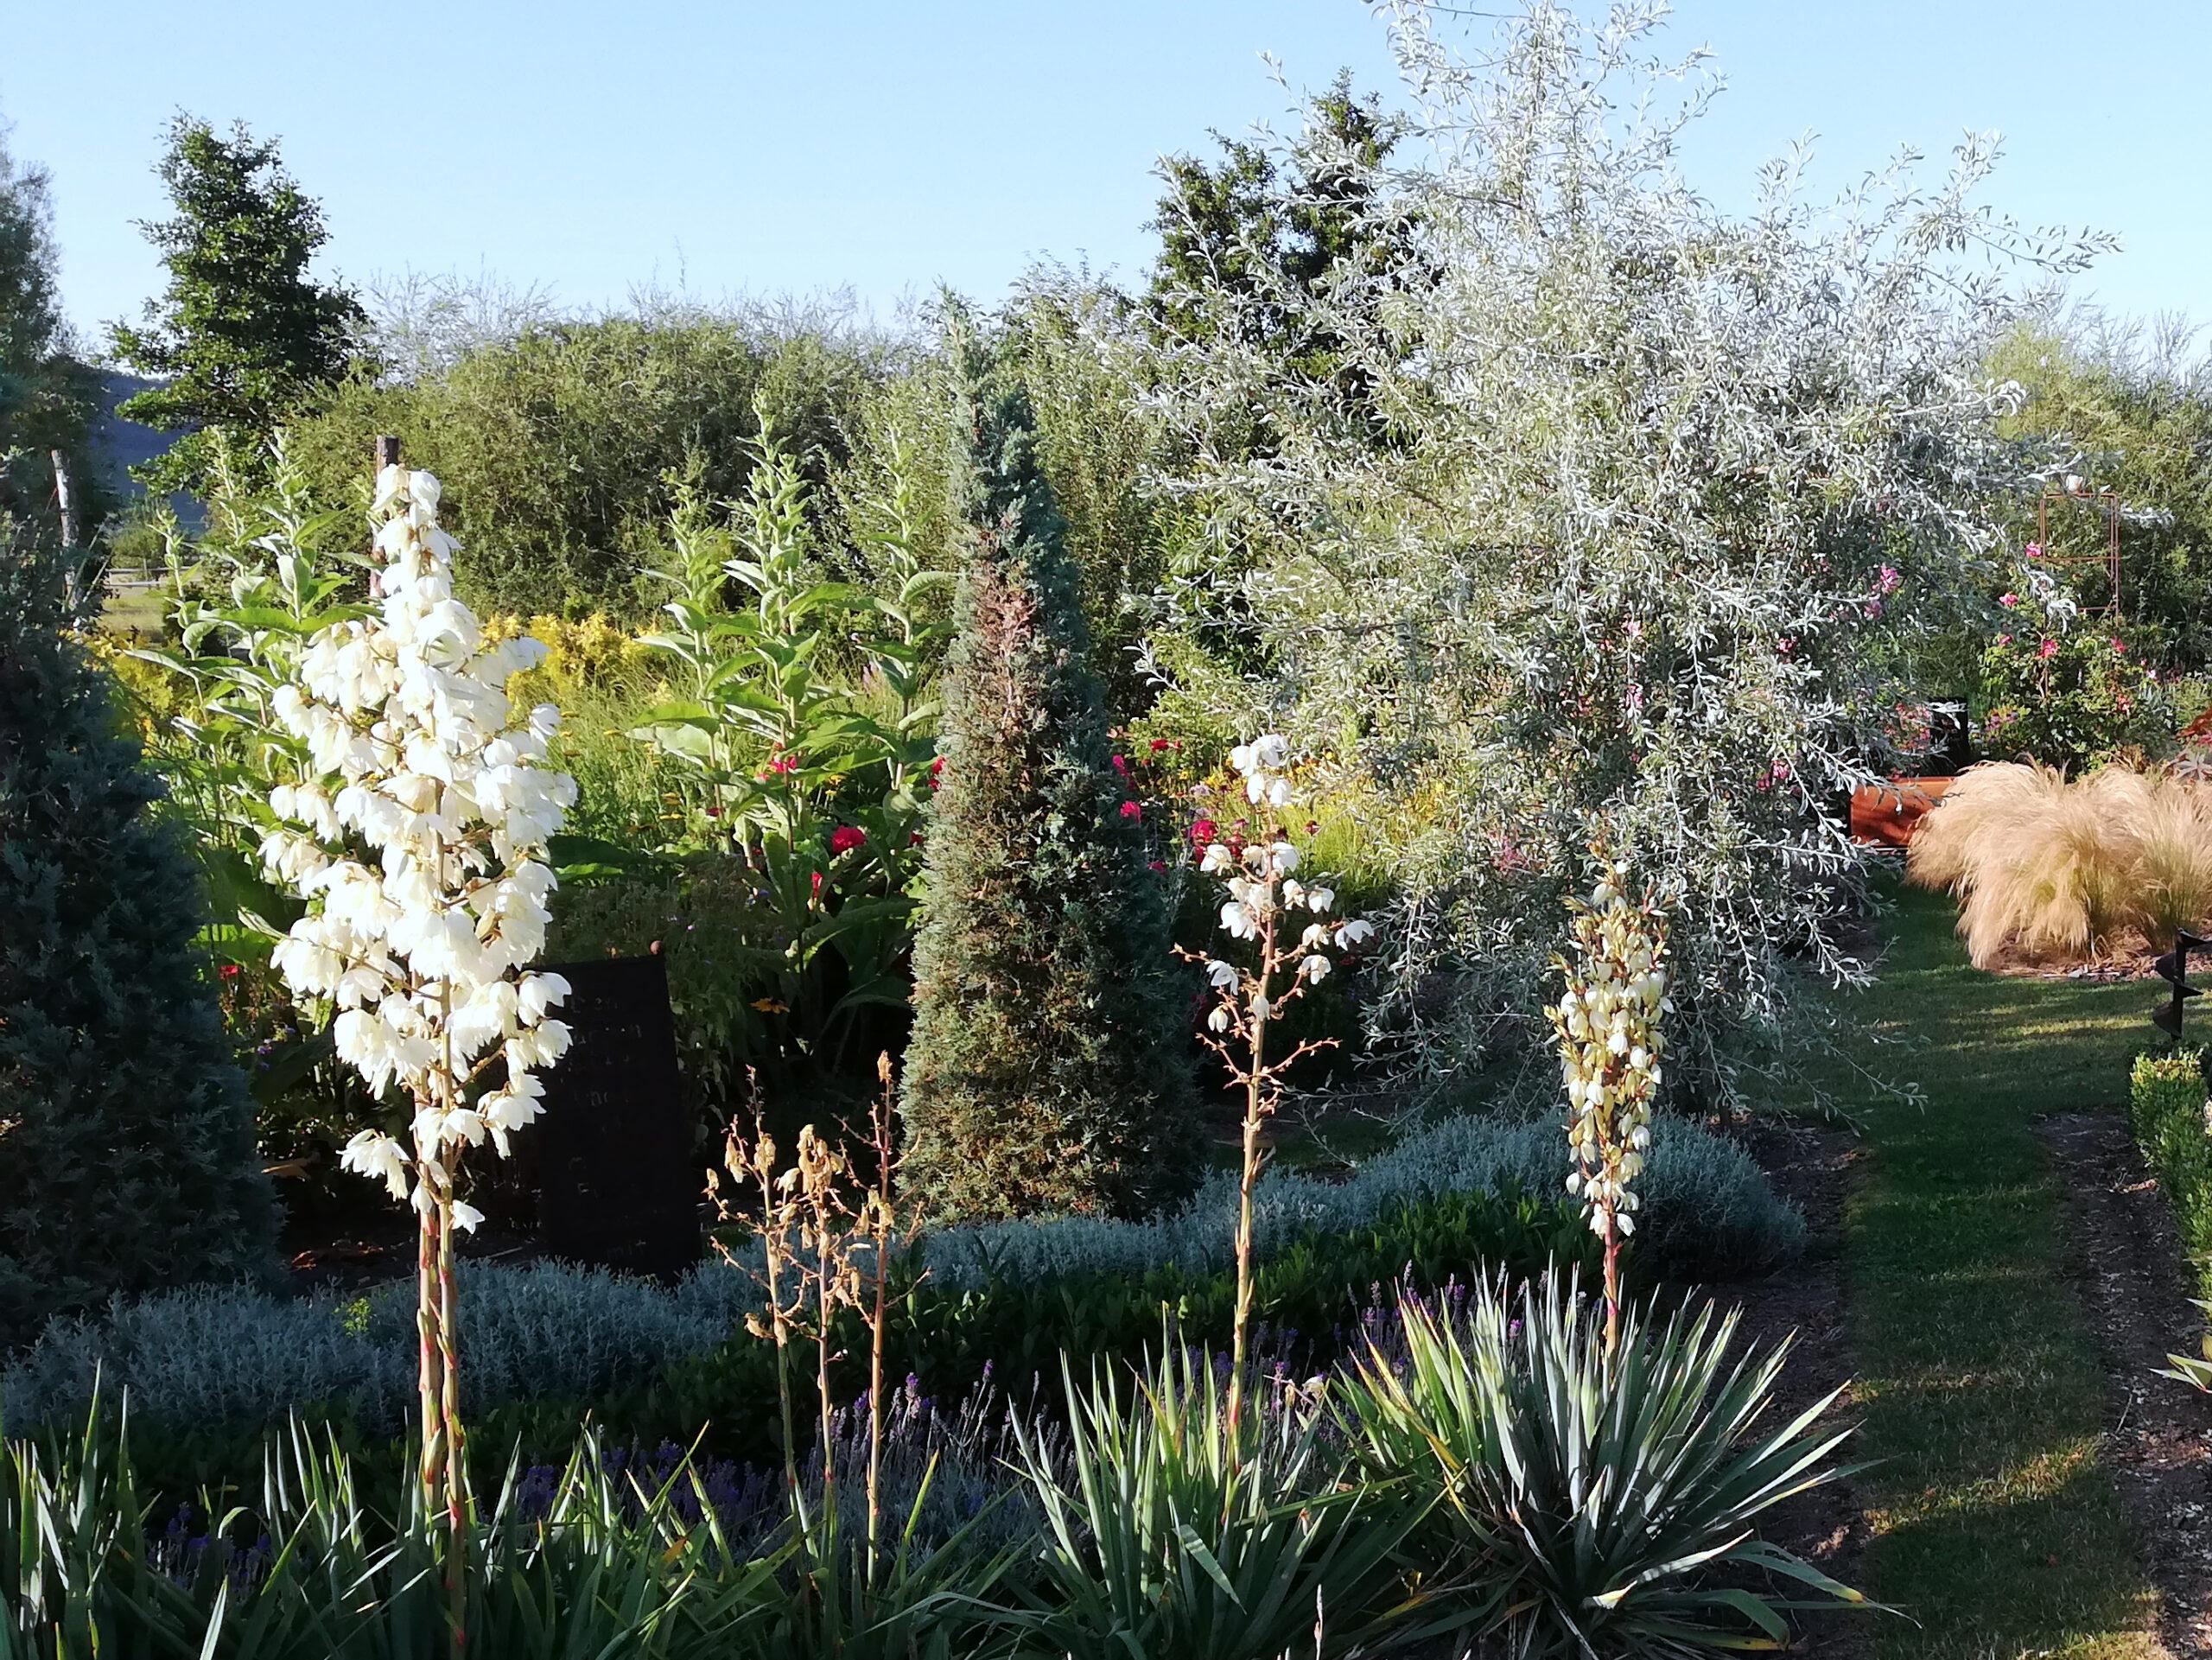 Yucca blüht weiß im Garten in Franken